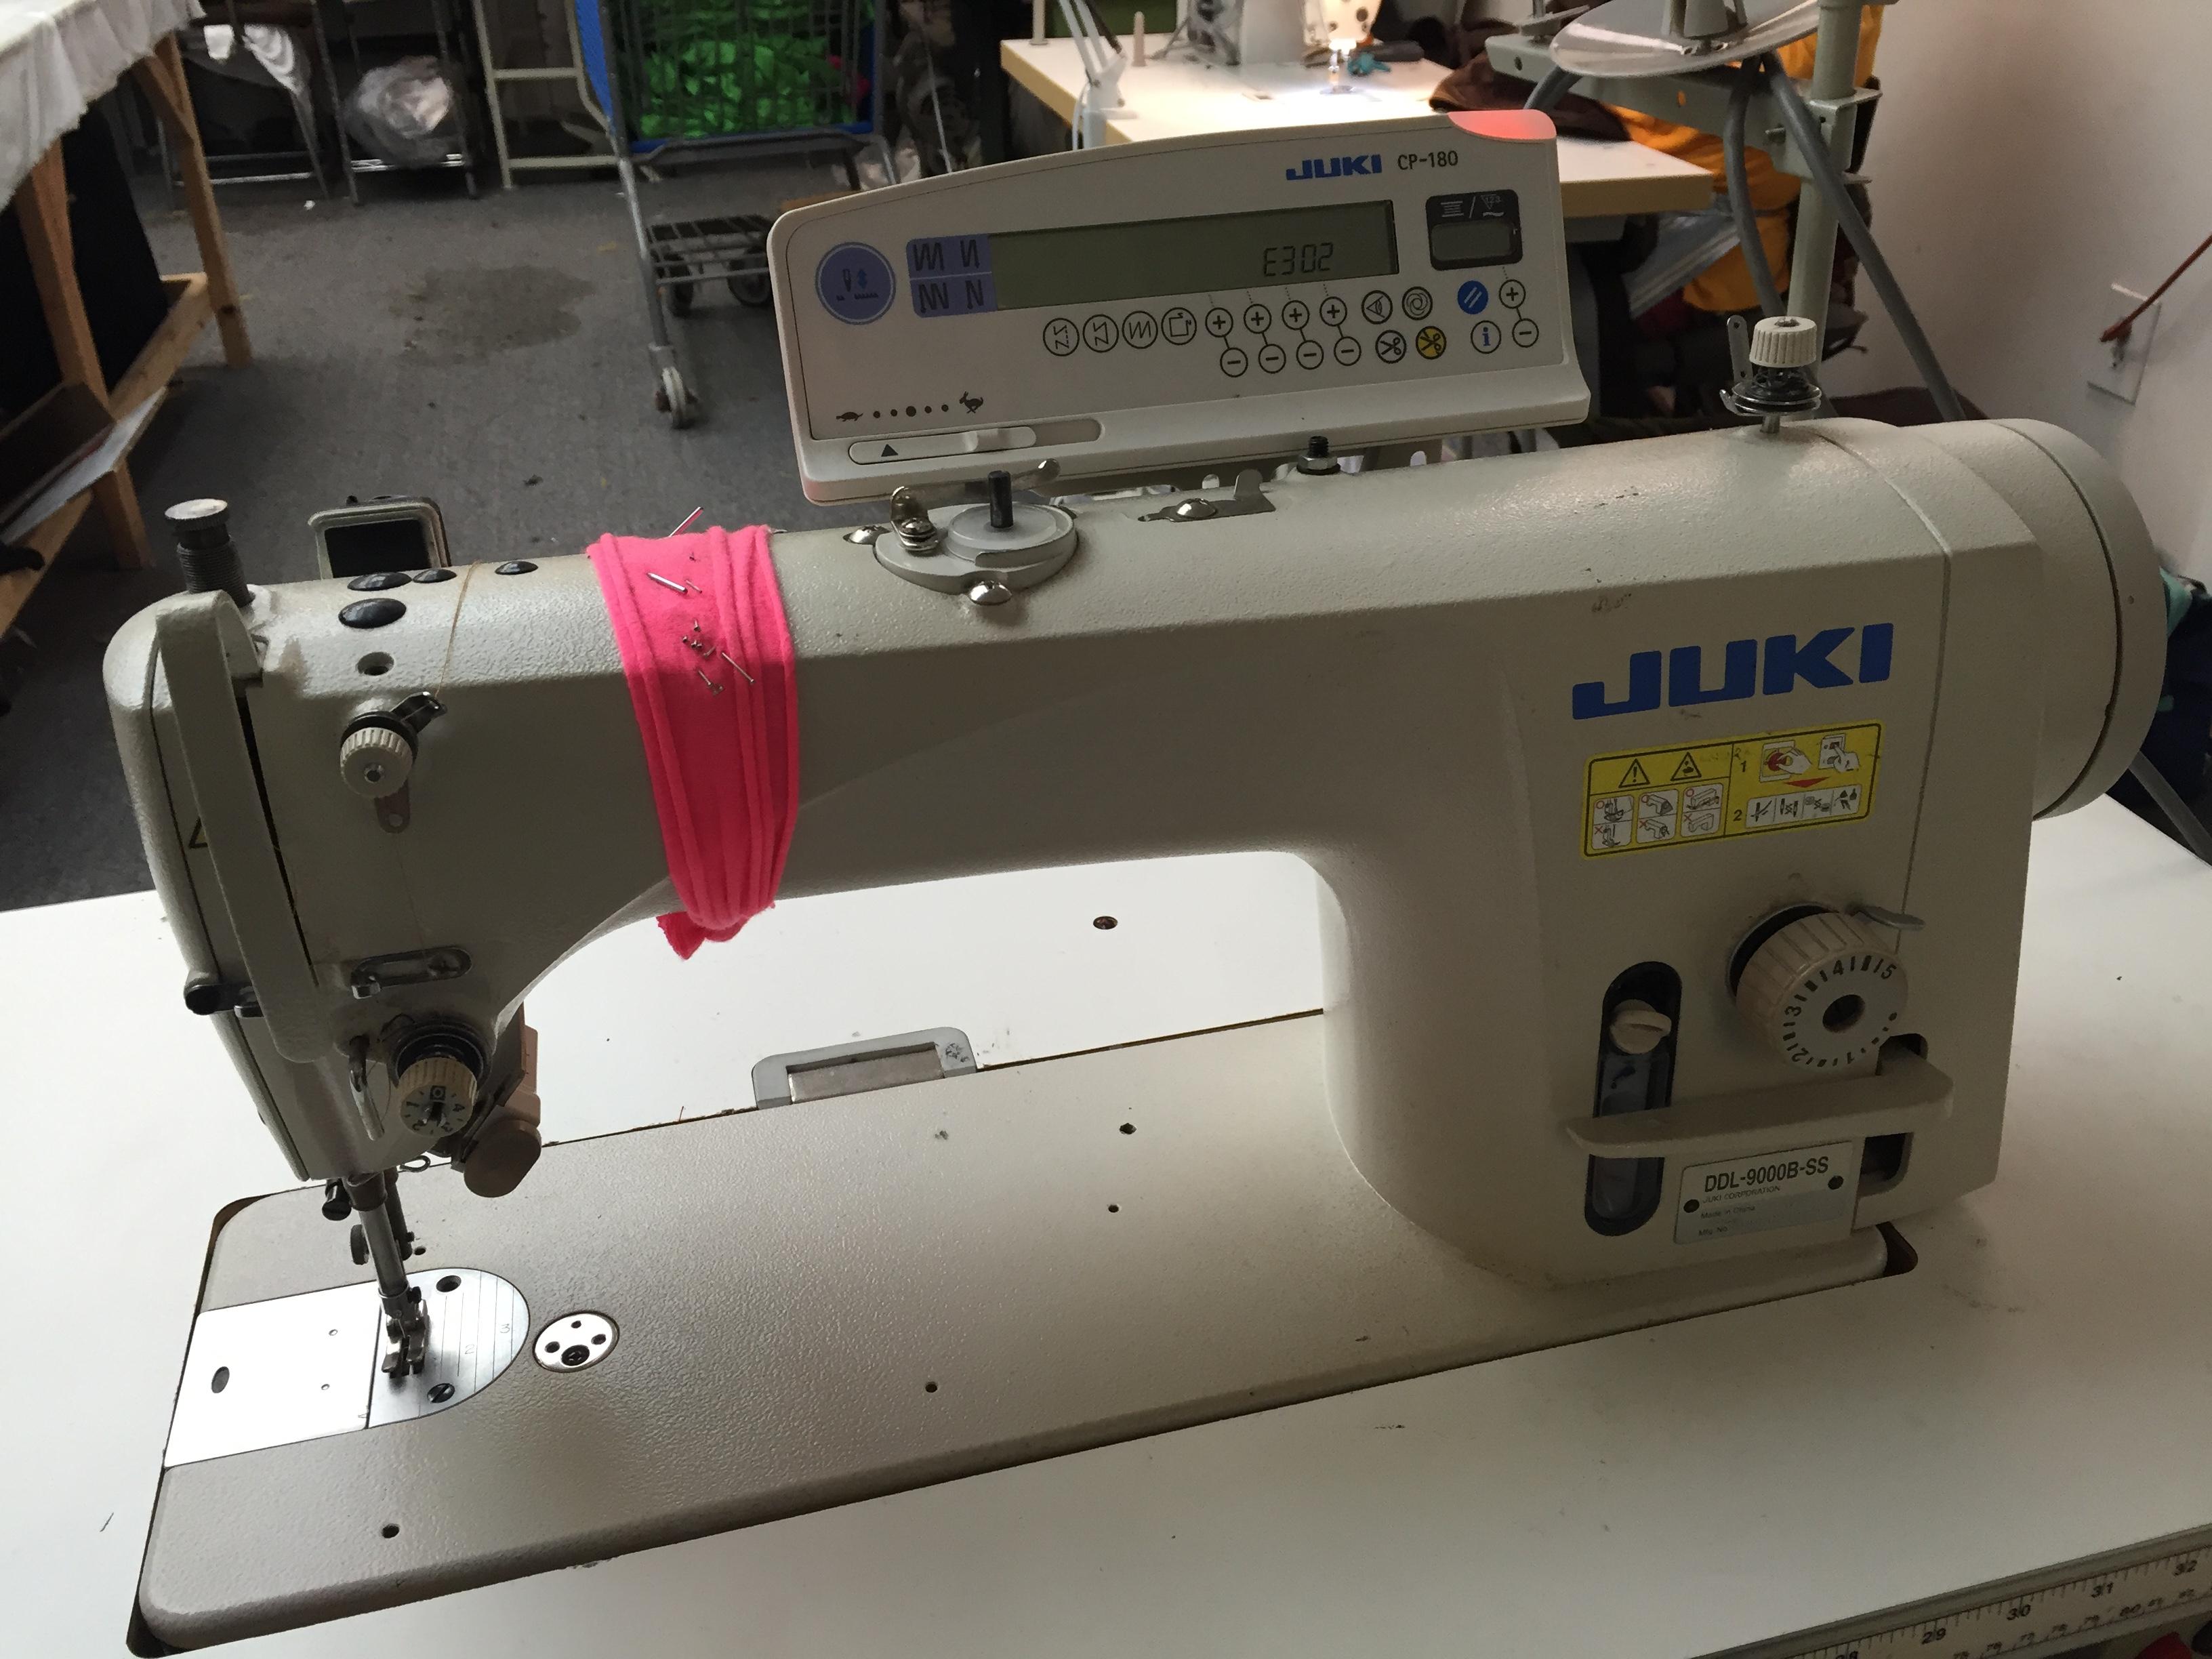 2016-07-26_190048_sewing2.jpg